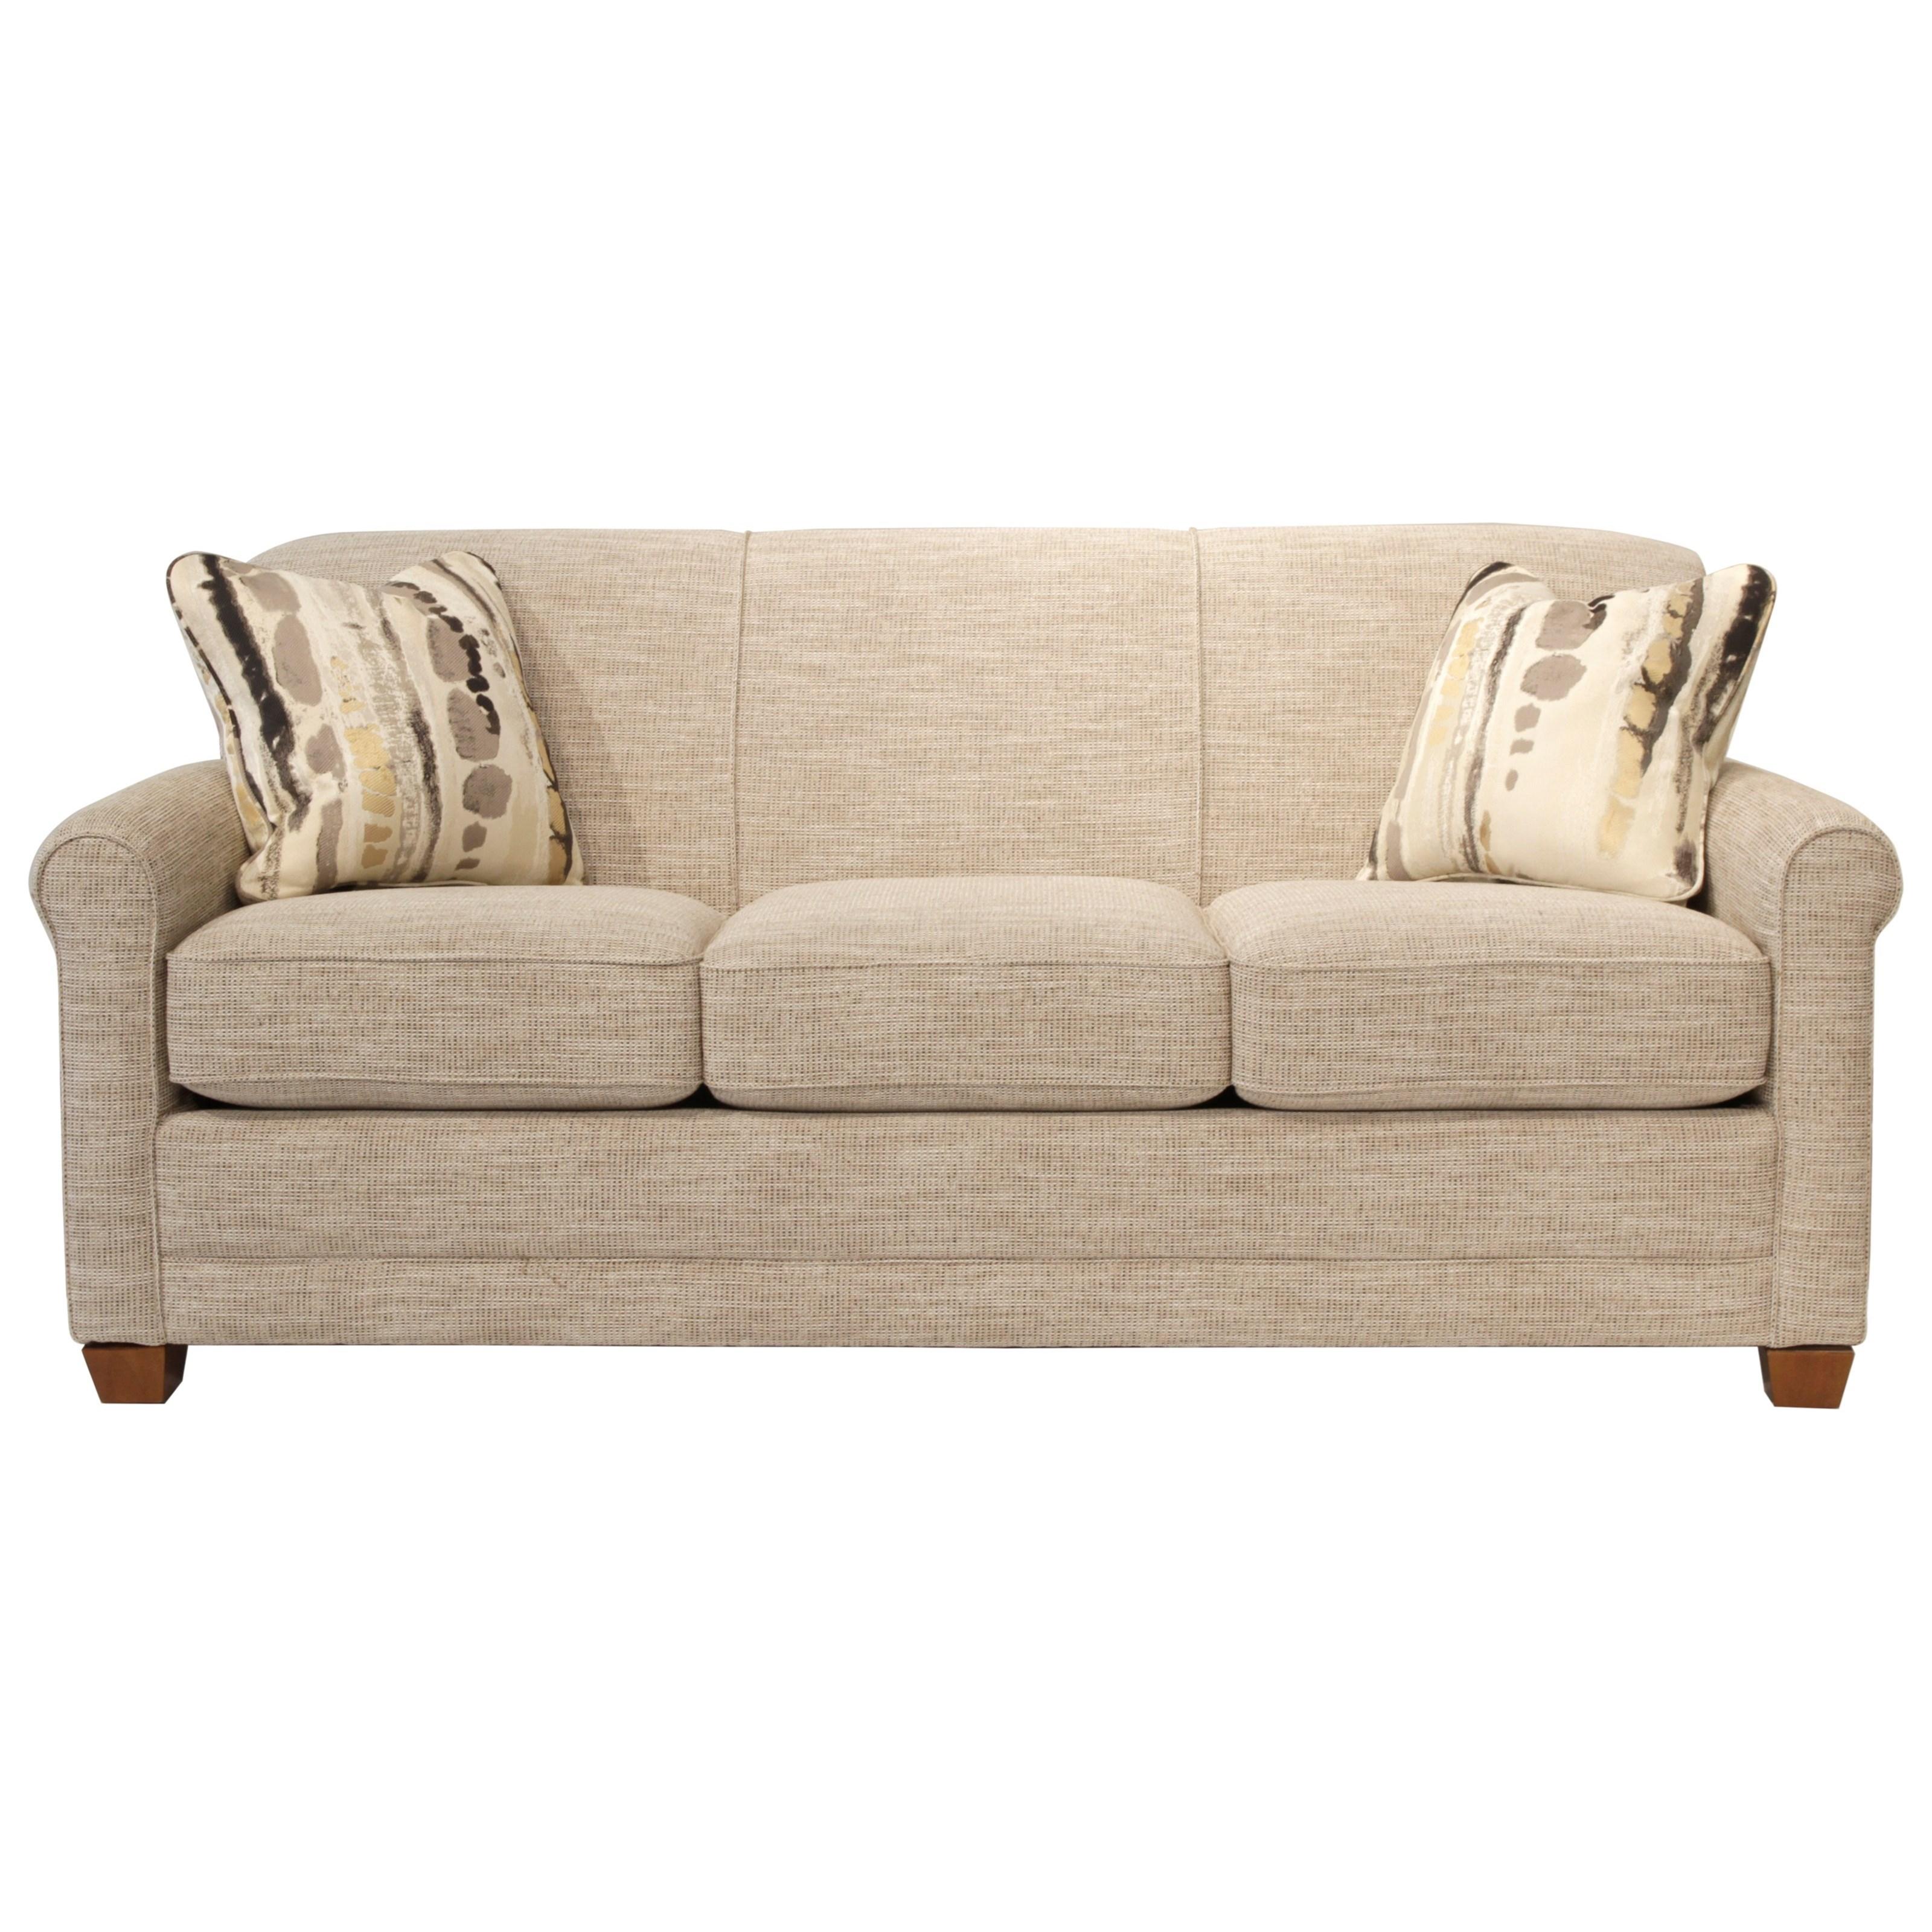 La-Z-Boy® Premier Sofa